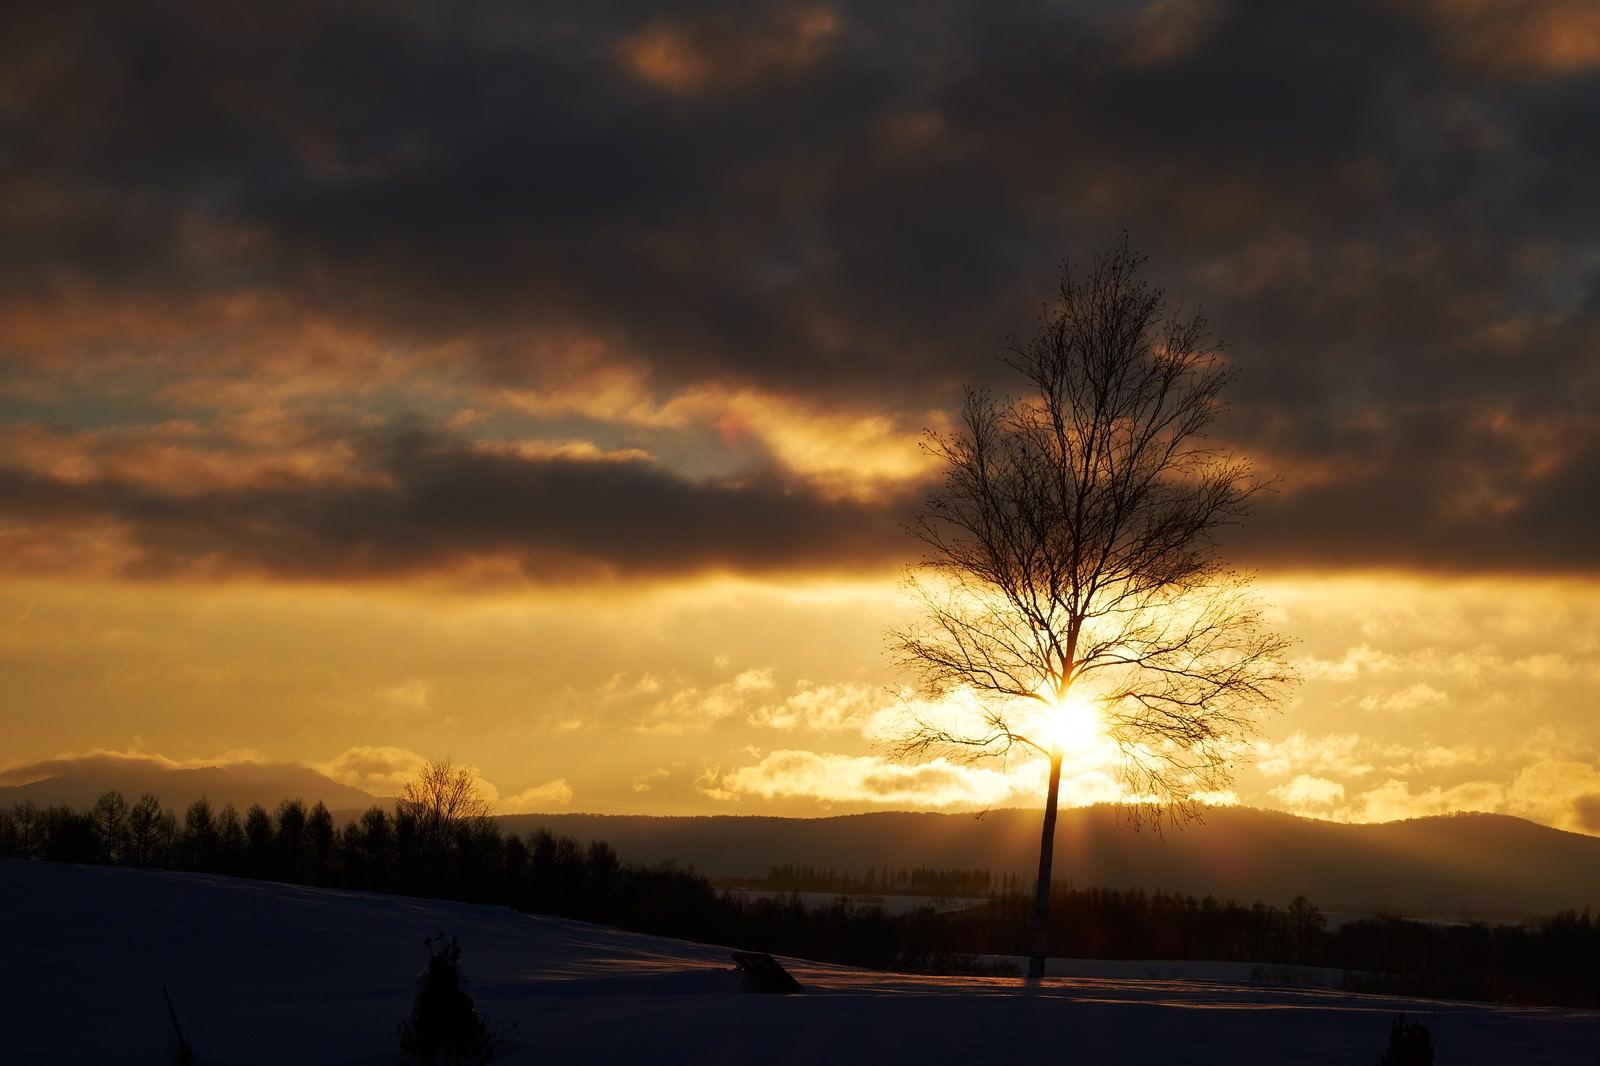 「冬の夕暮れ」の写真